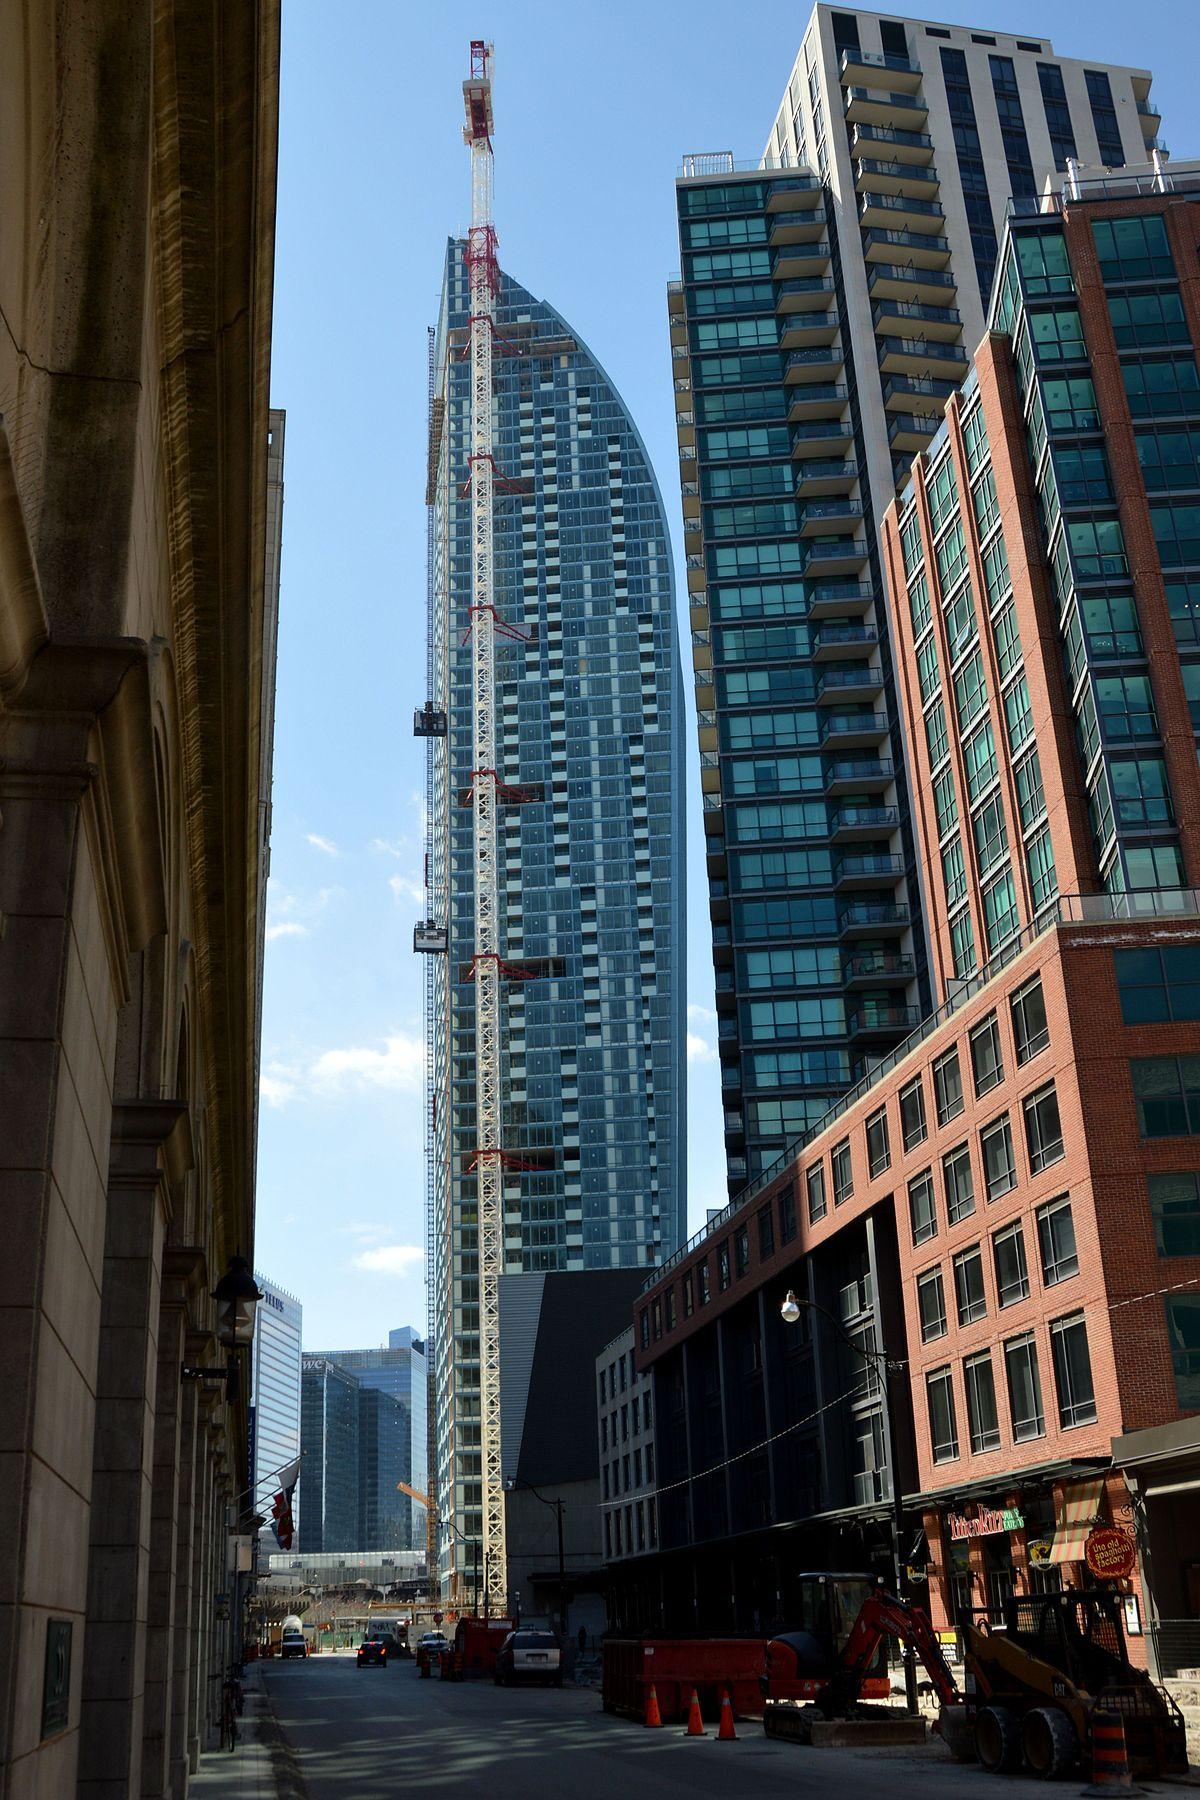 L Tower - Wikipedia